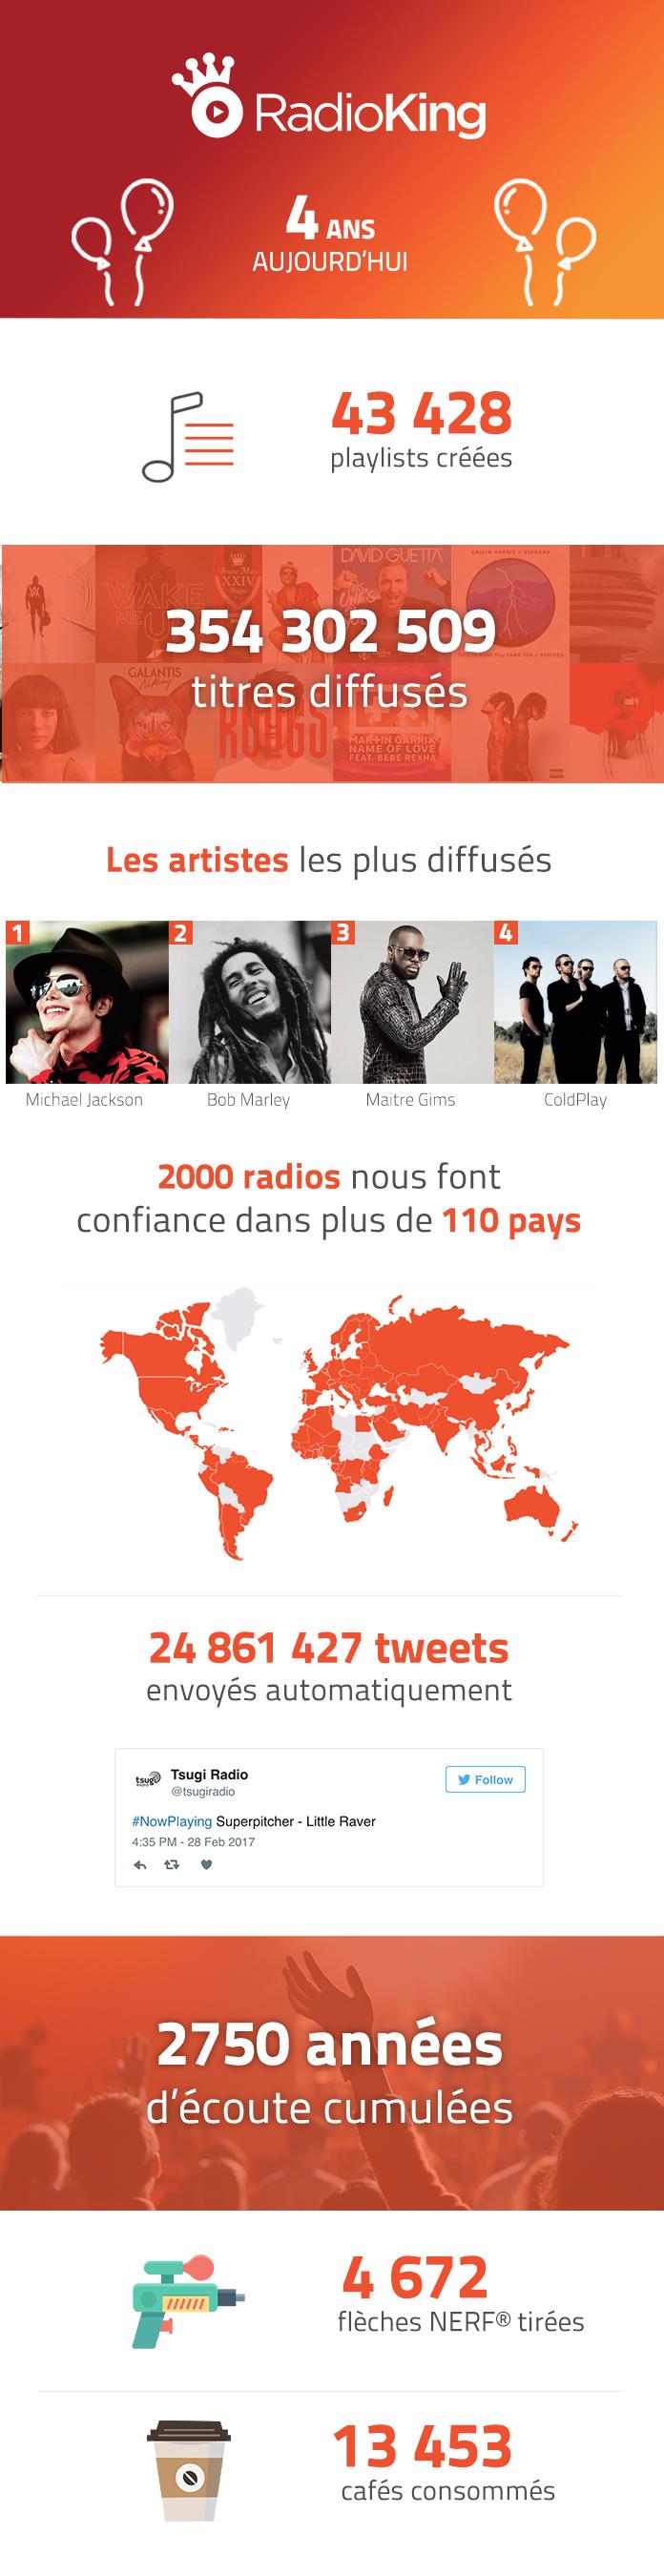 Avec plus de 2000 radios clientes de ses services de streaming audio et d'applications pour mobiles, Radio King fête ses 4 ans d'activité.